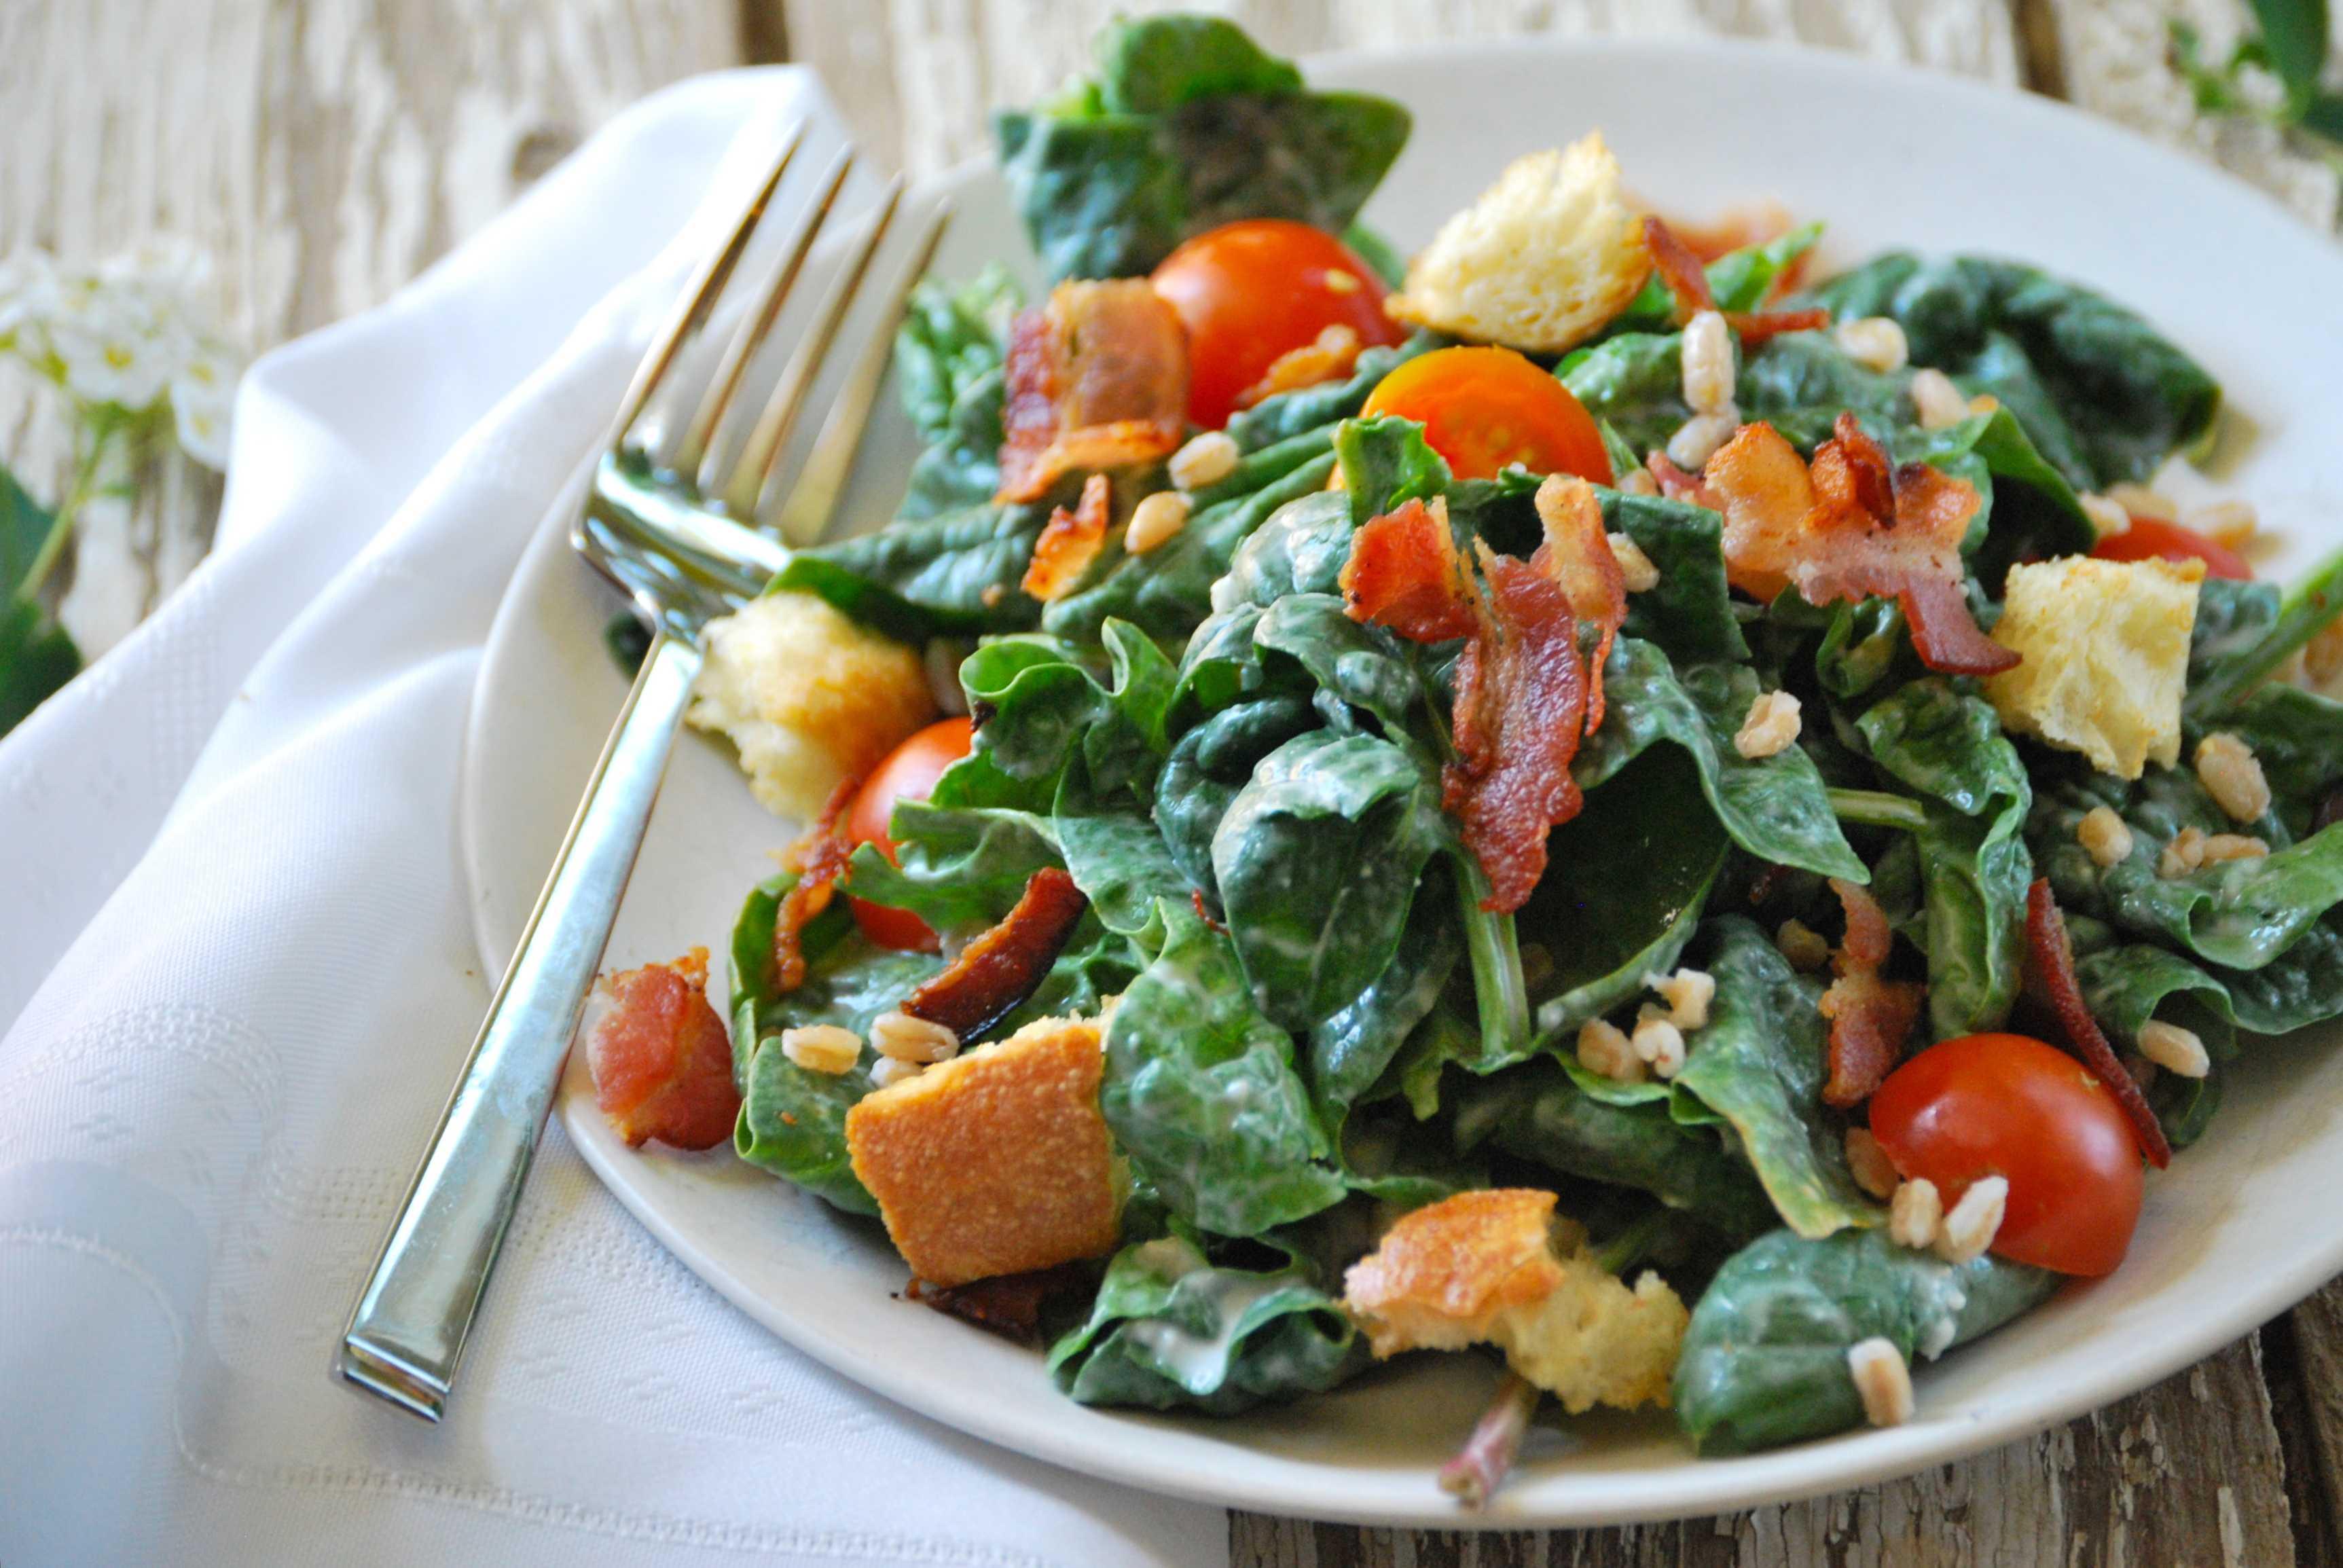 Яйца бенедикт со шпинатом и копченым лососем рецепт с фото - 1000.menu